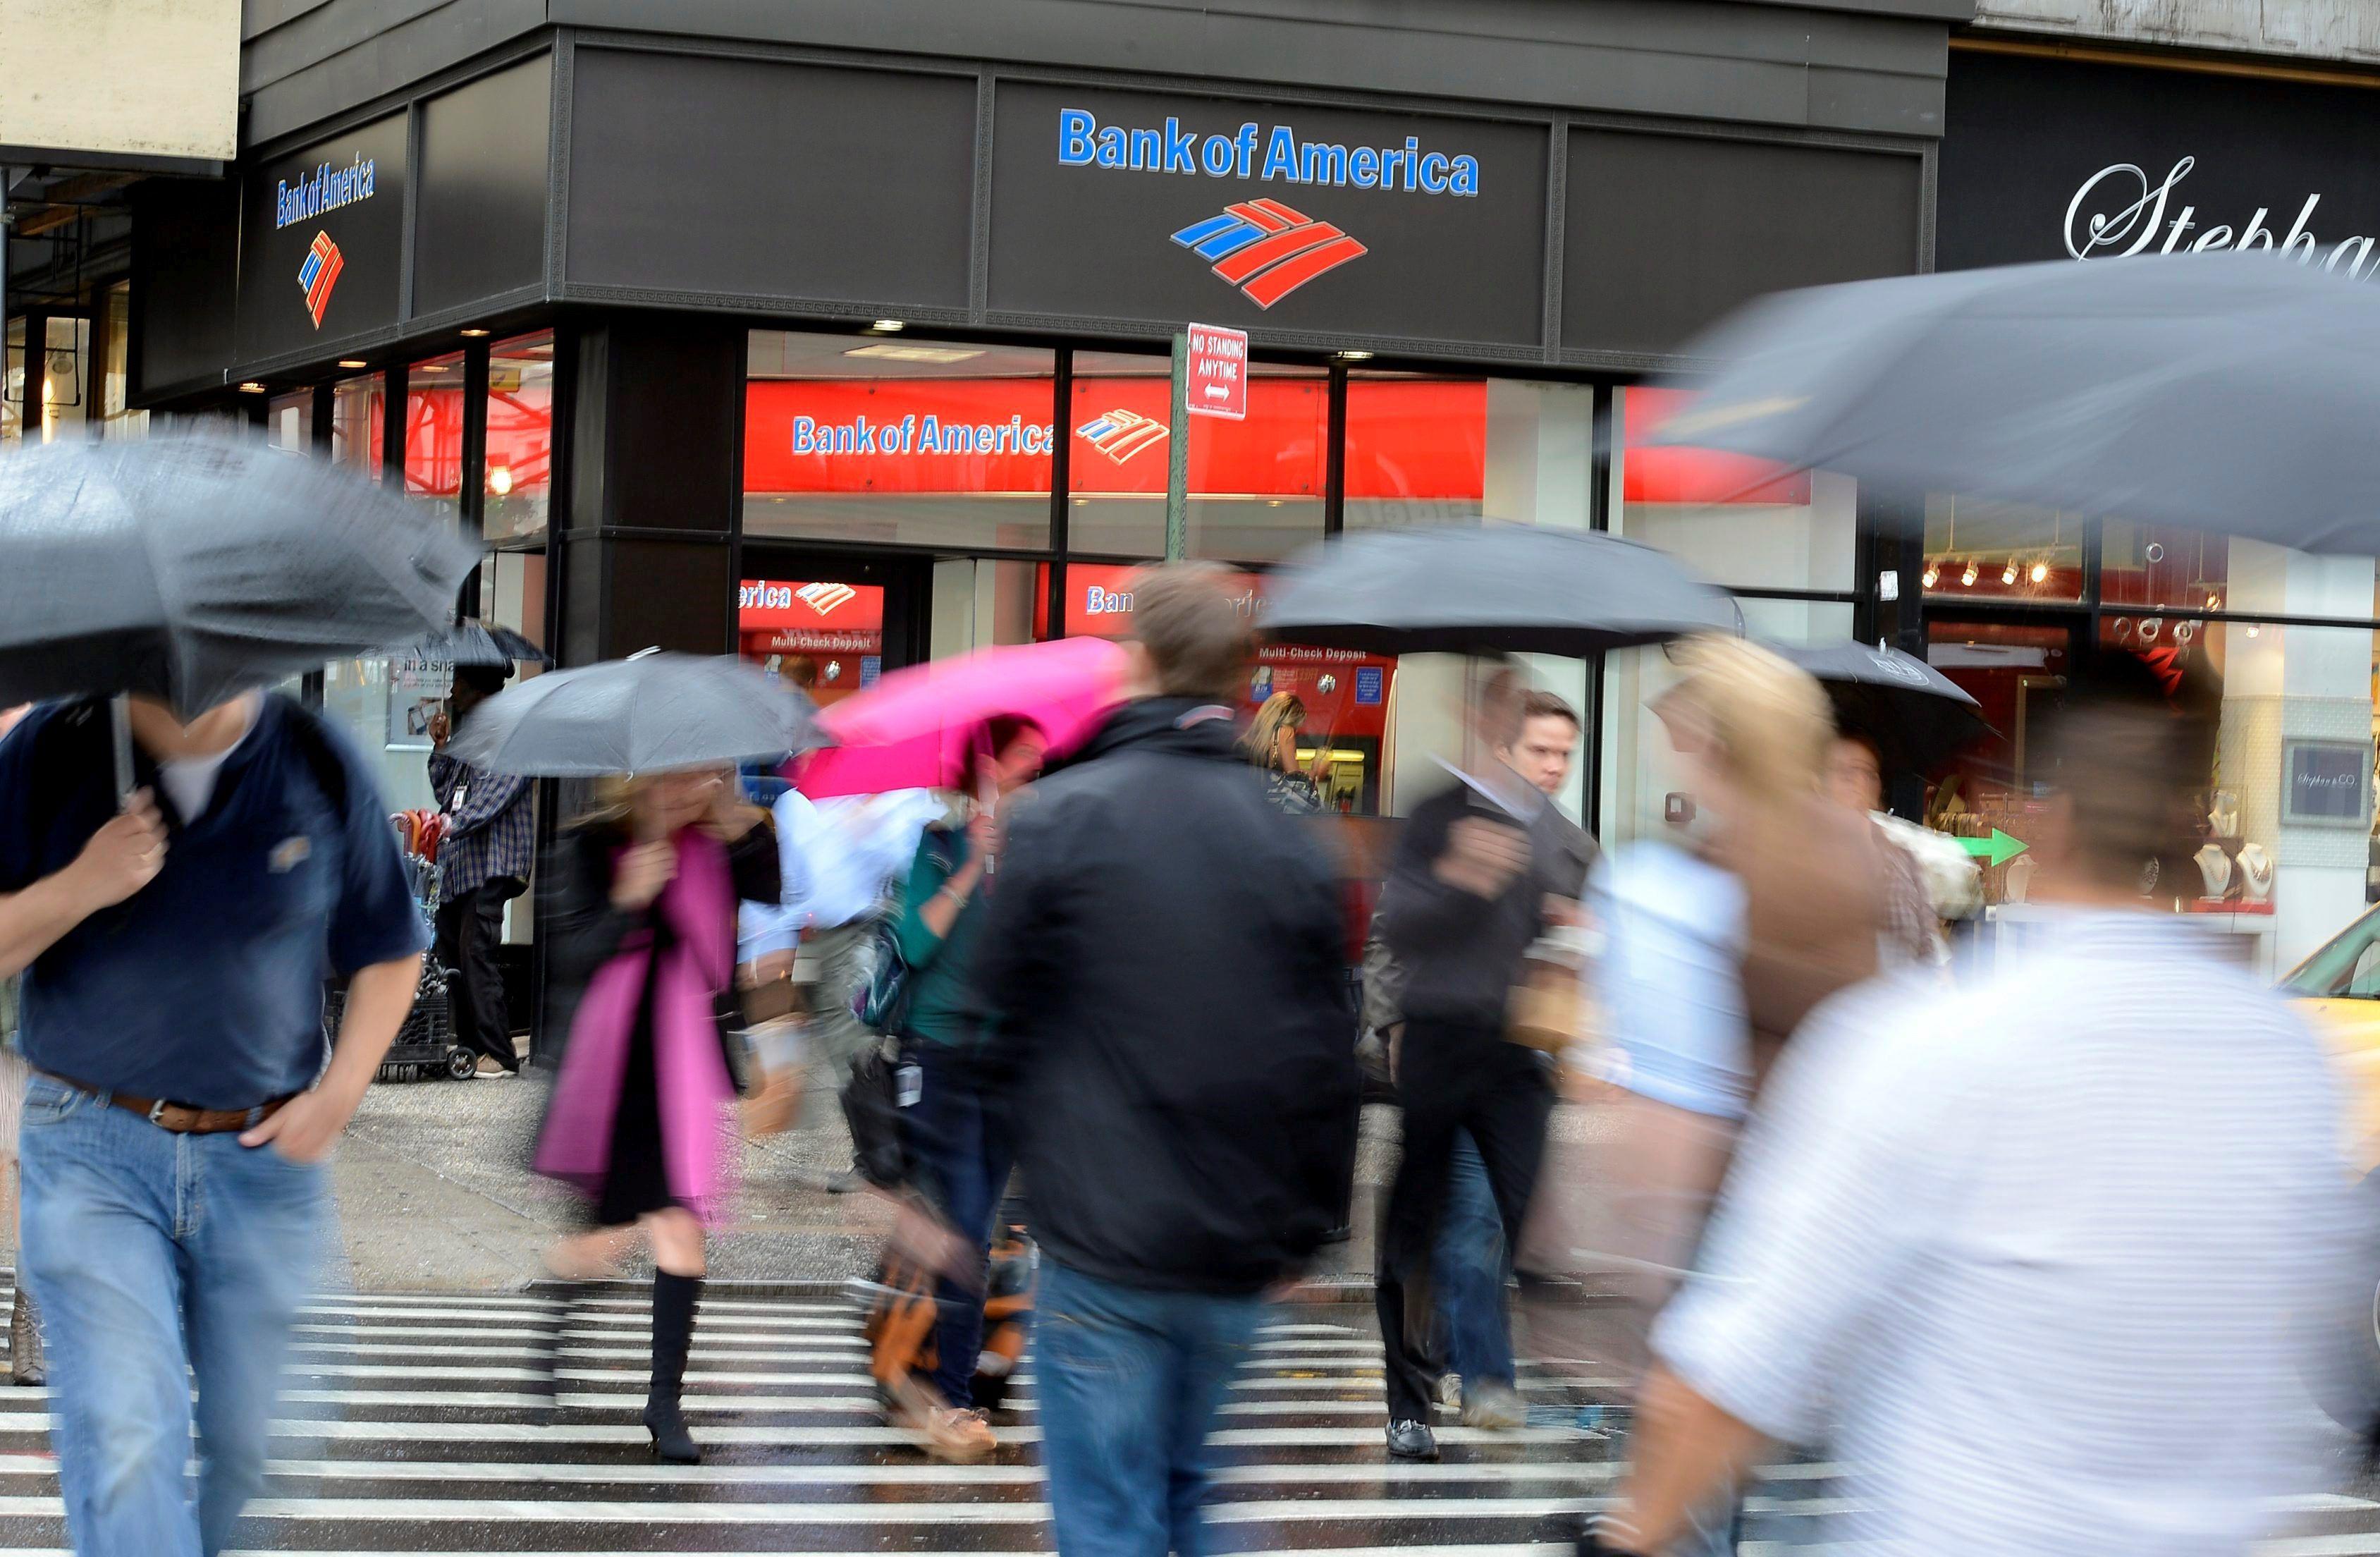 La facturación acumulada de Bank of America entre enero y septiembre ascendió un ligero 2 % interanual y se situó en 67.053 millones. Fotografía de archivo. EFE/Andrew Gombert